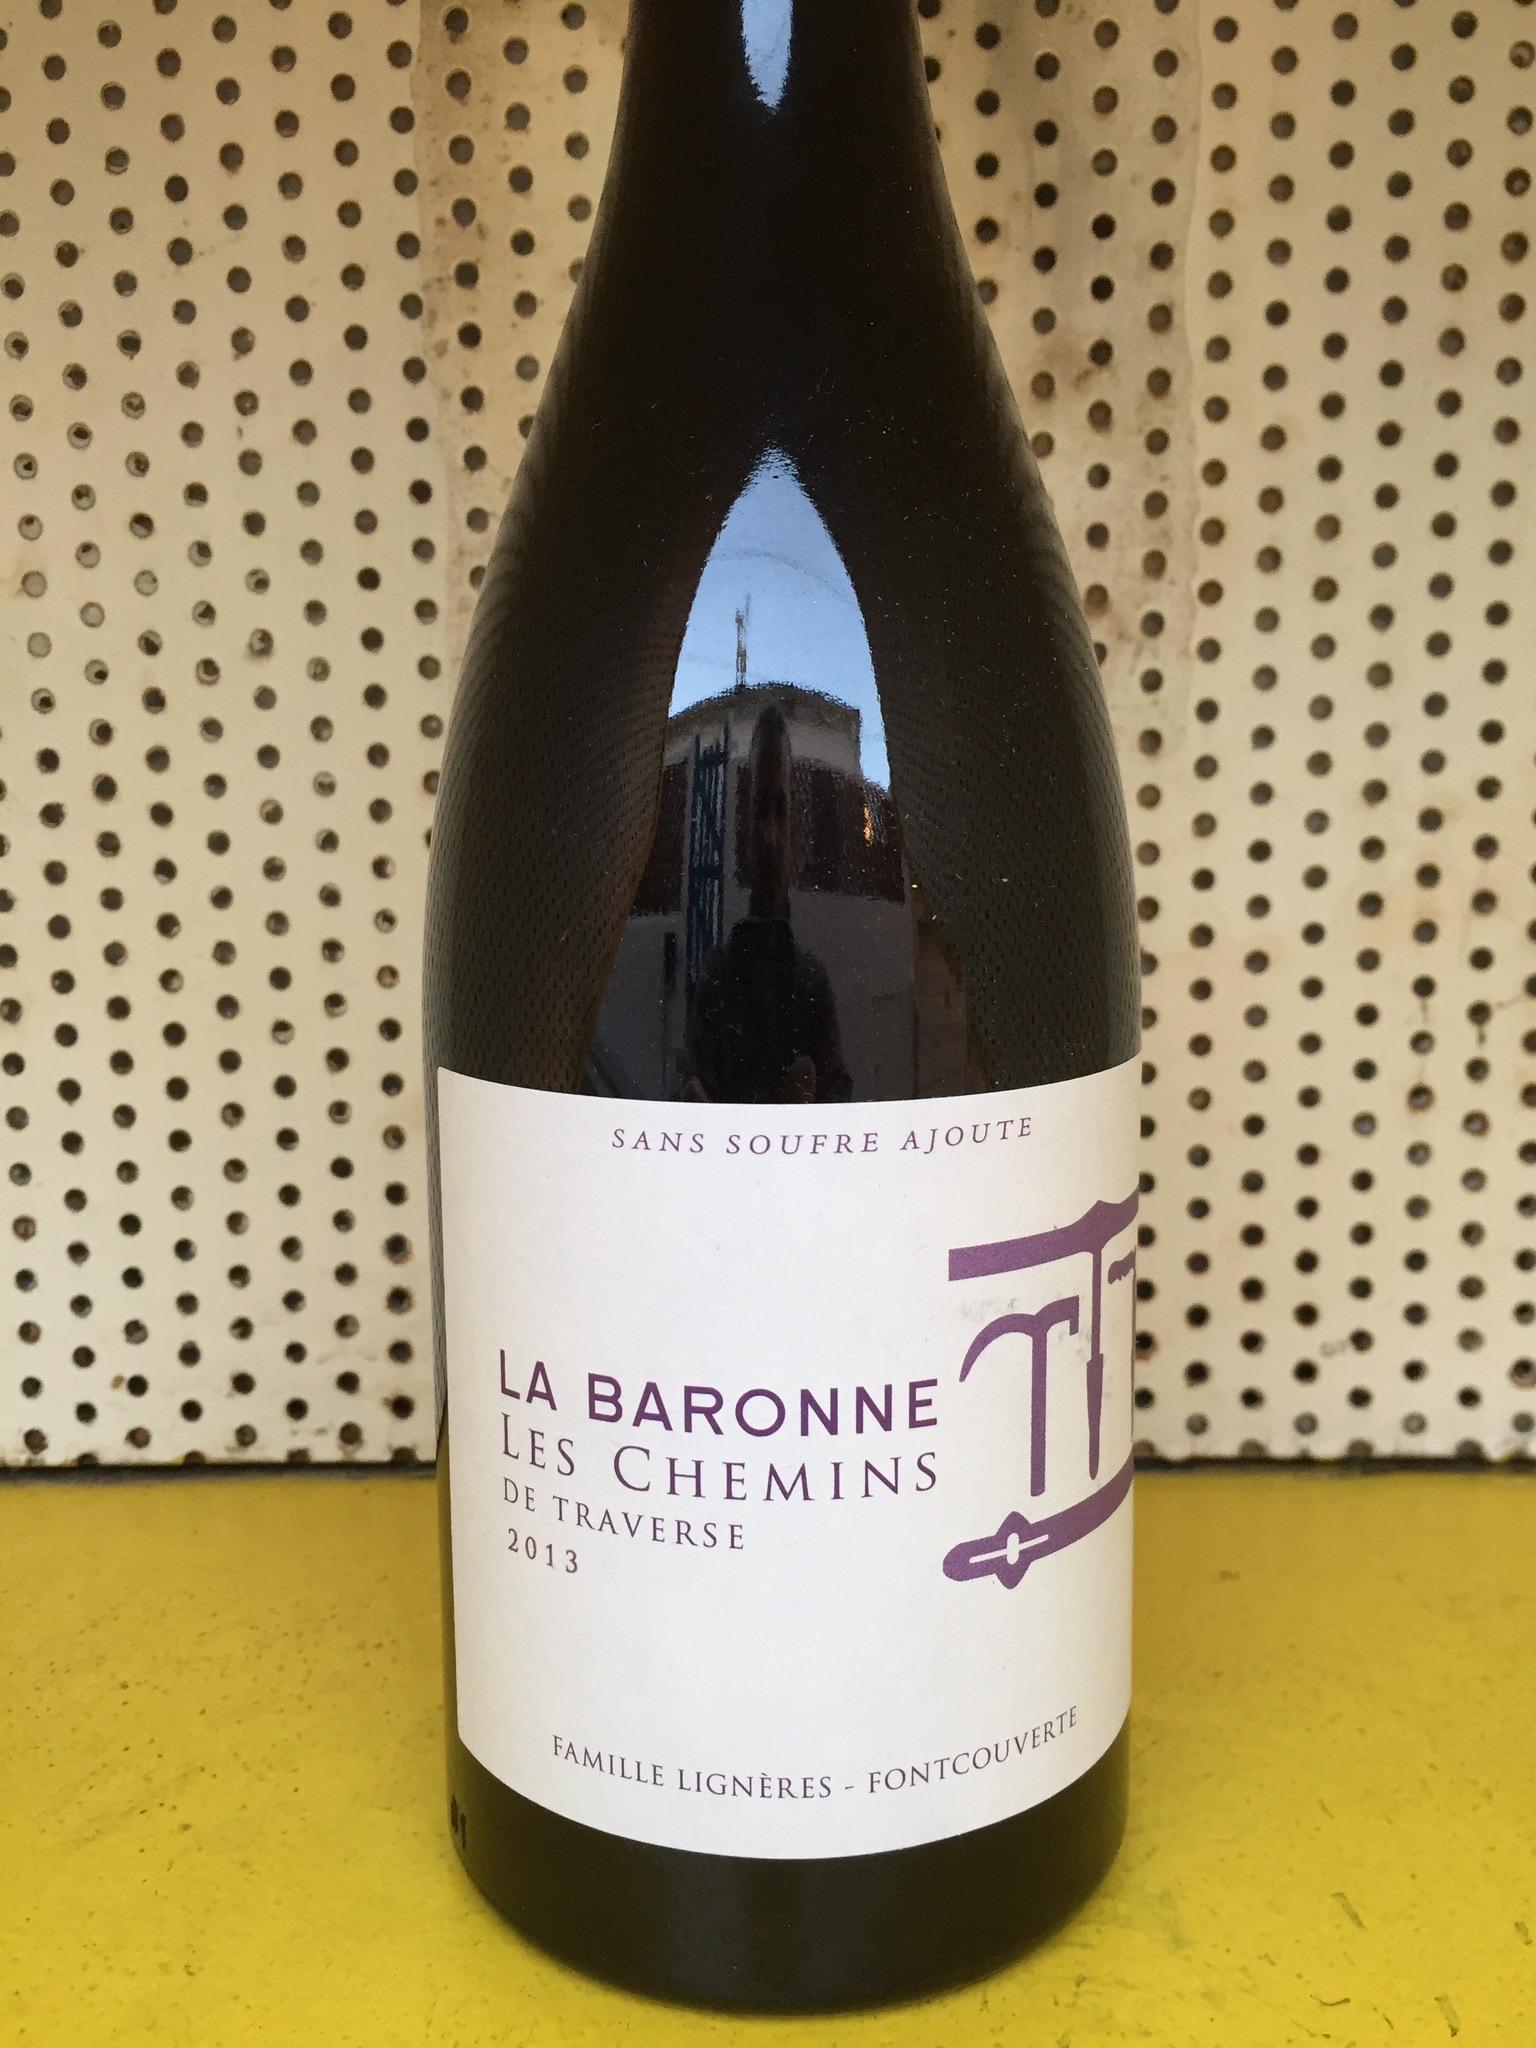 Roussillon/ La Baronne/ Lignières/ Chemin De Traverse